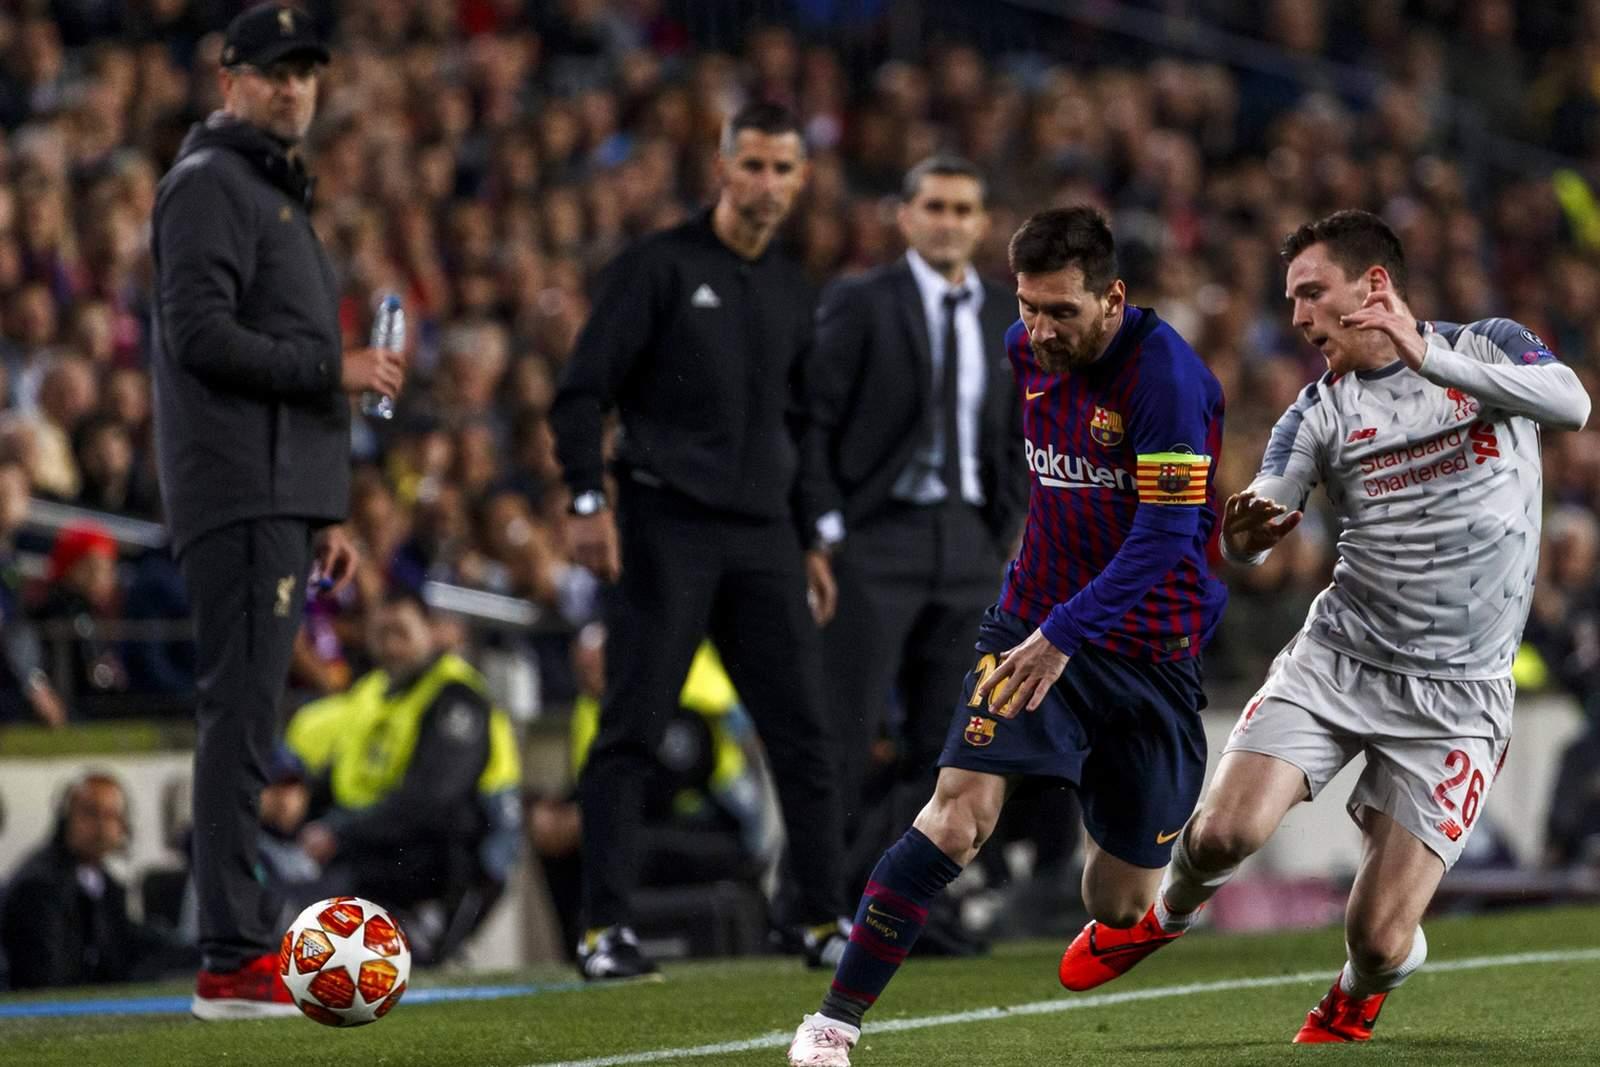 Setzt sich Messi wieder durch? Jetzt auf Liverpool gegen Barca wetten